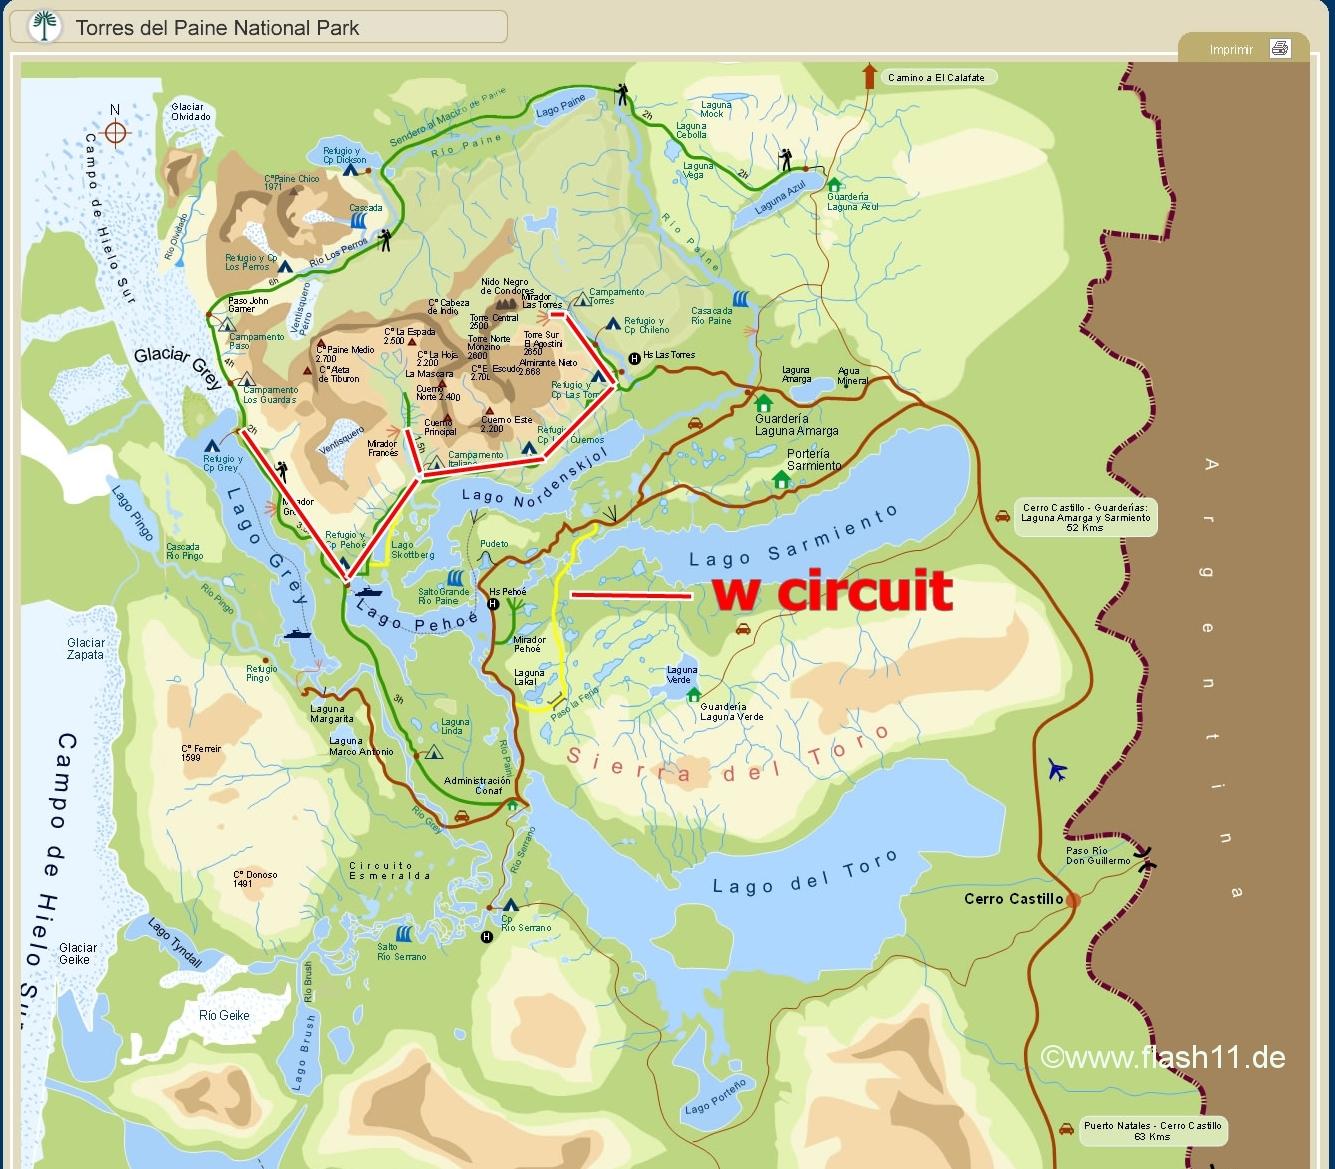 Circuito W Mapa : Torres del paine w circuit patagonia trip reportpatagonia trip